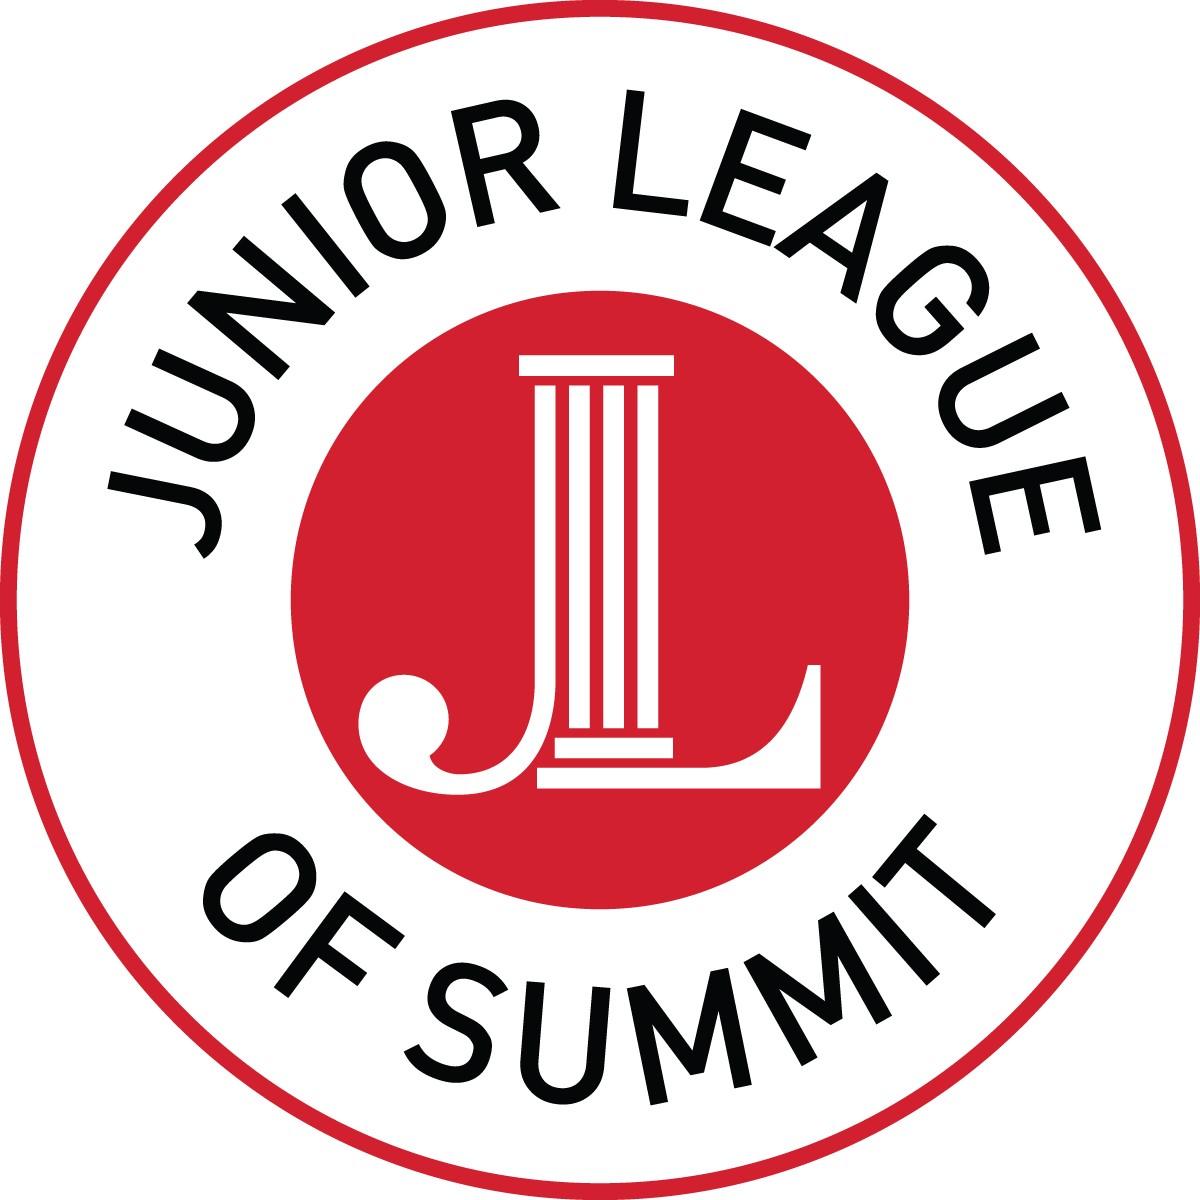 a73b4774afc5c1a84563_JLS_Logo.jpg